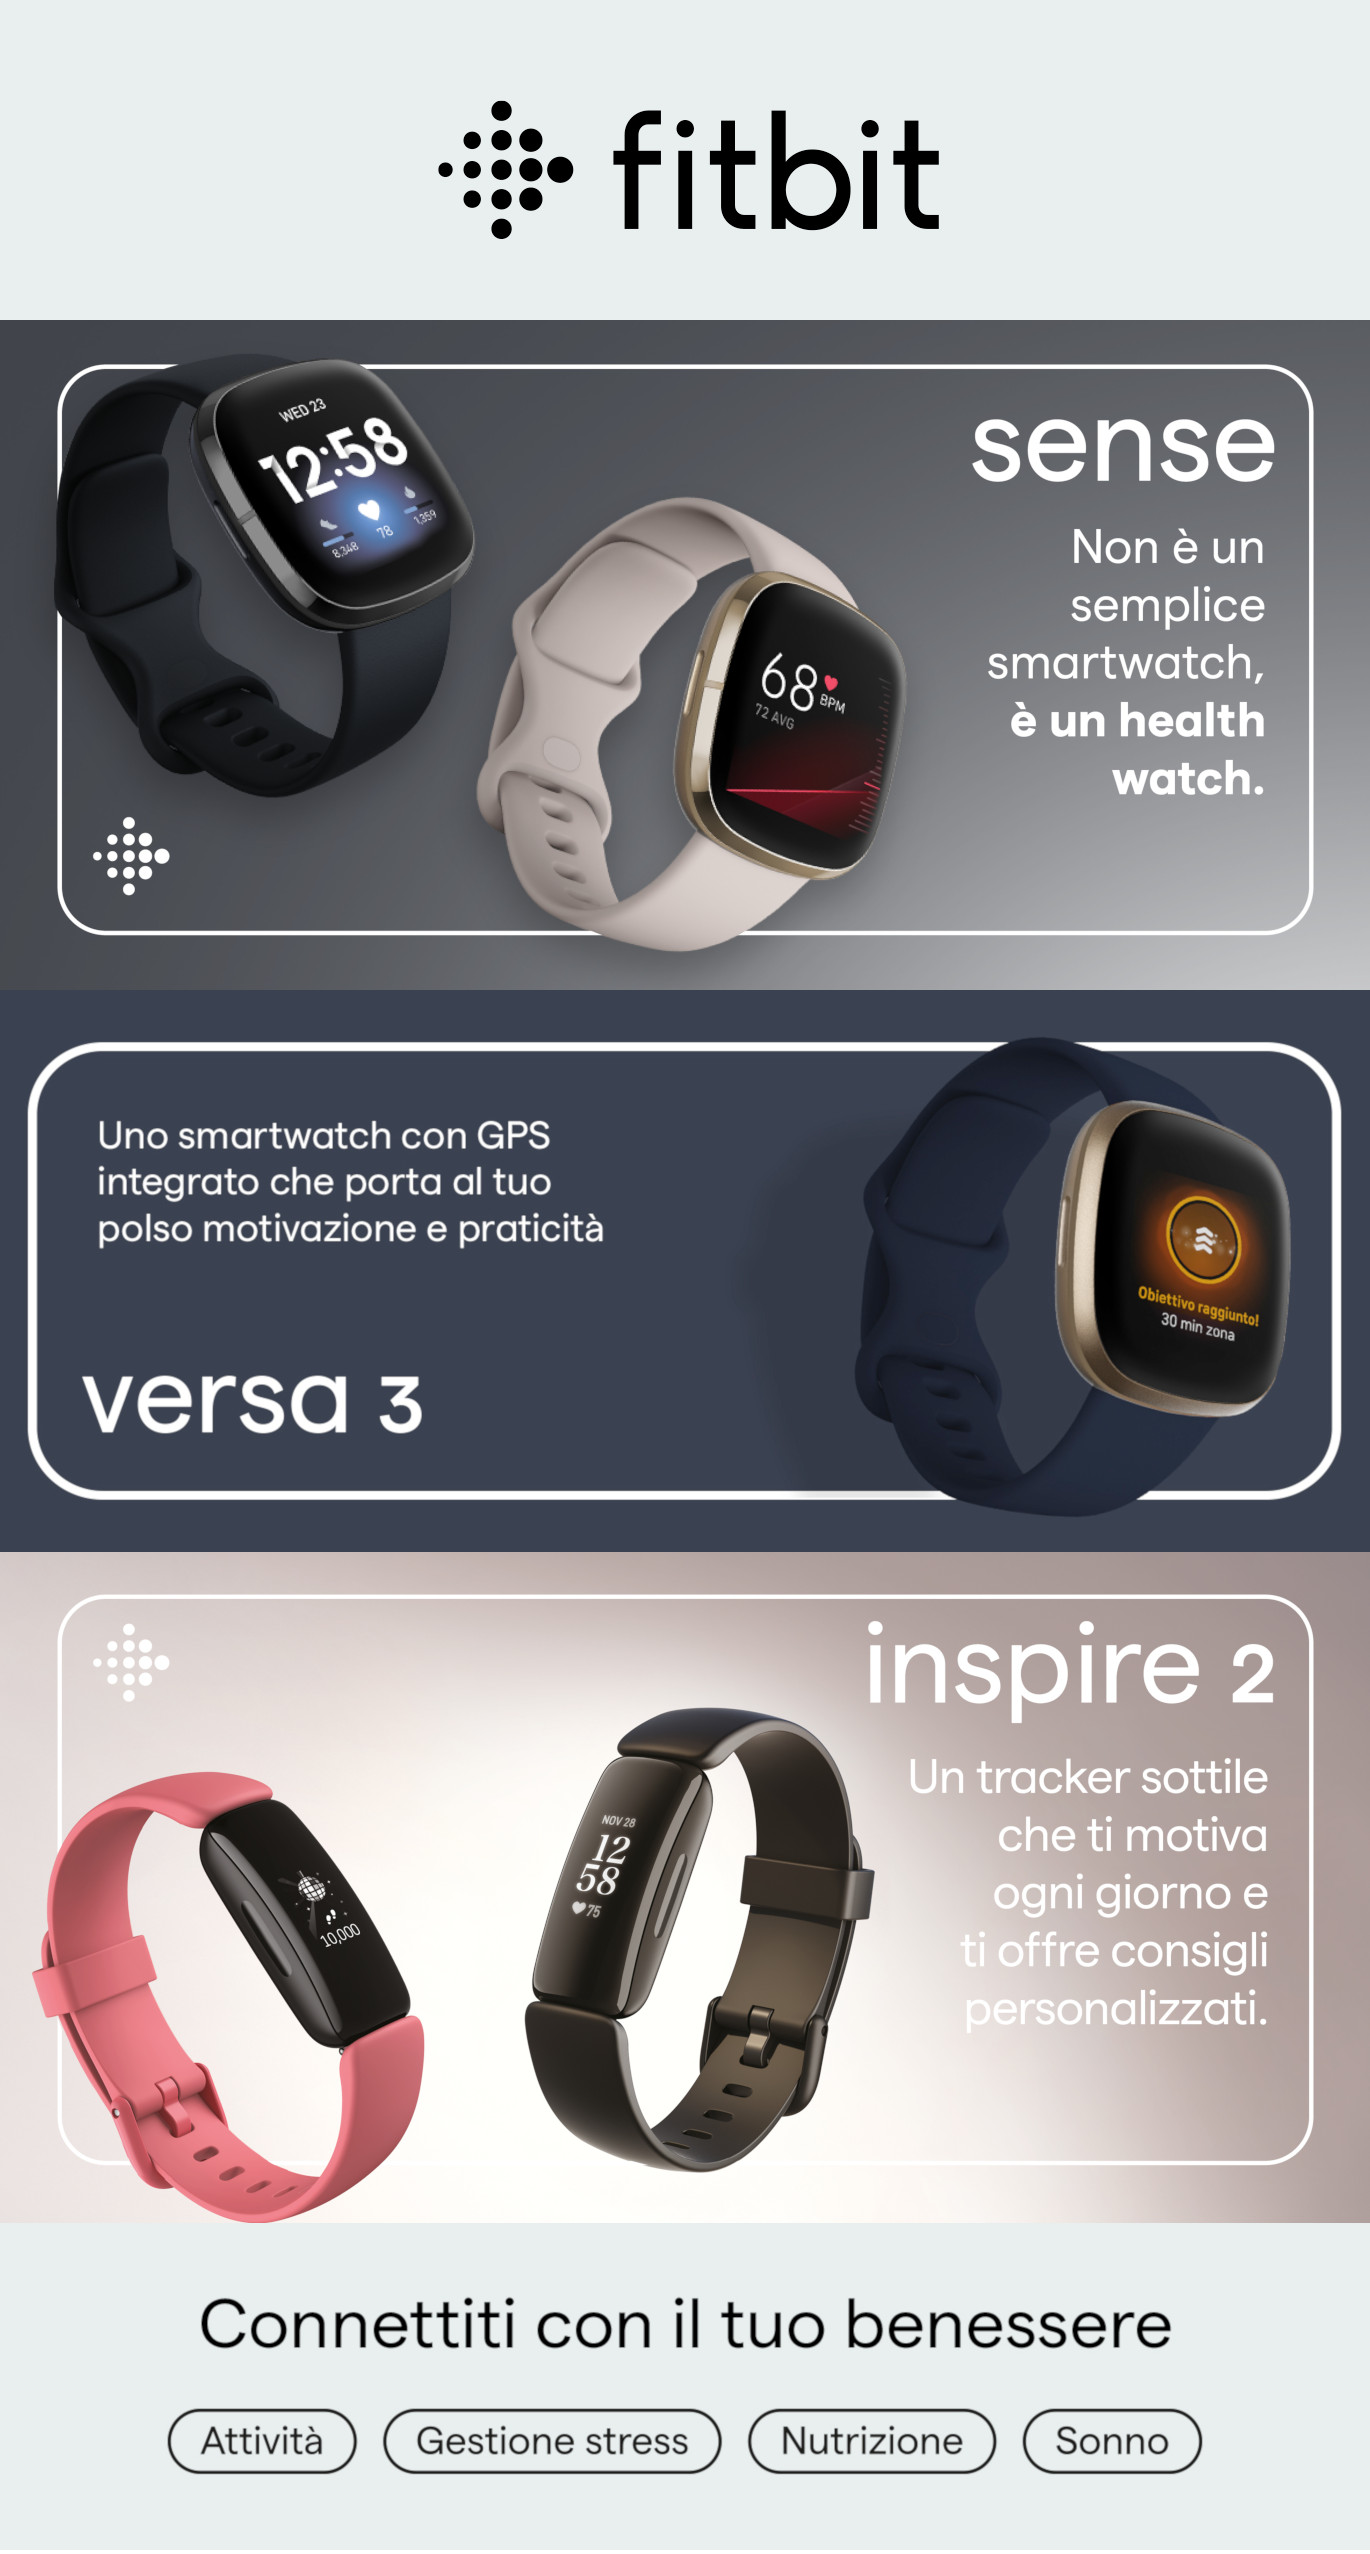 Promozione Fitbit lanci settembre 2020